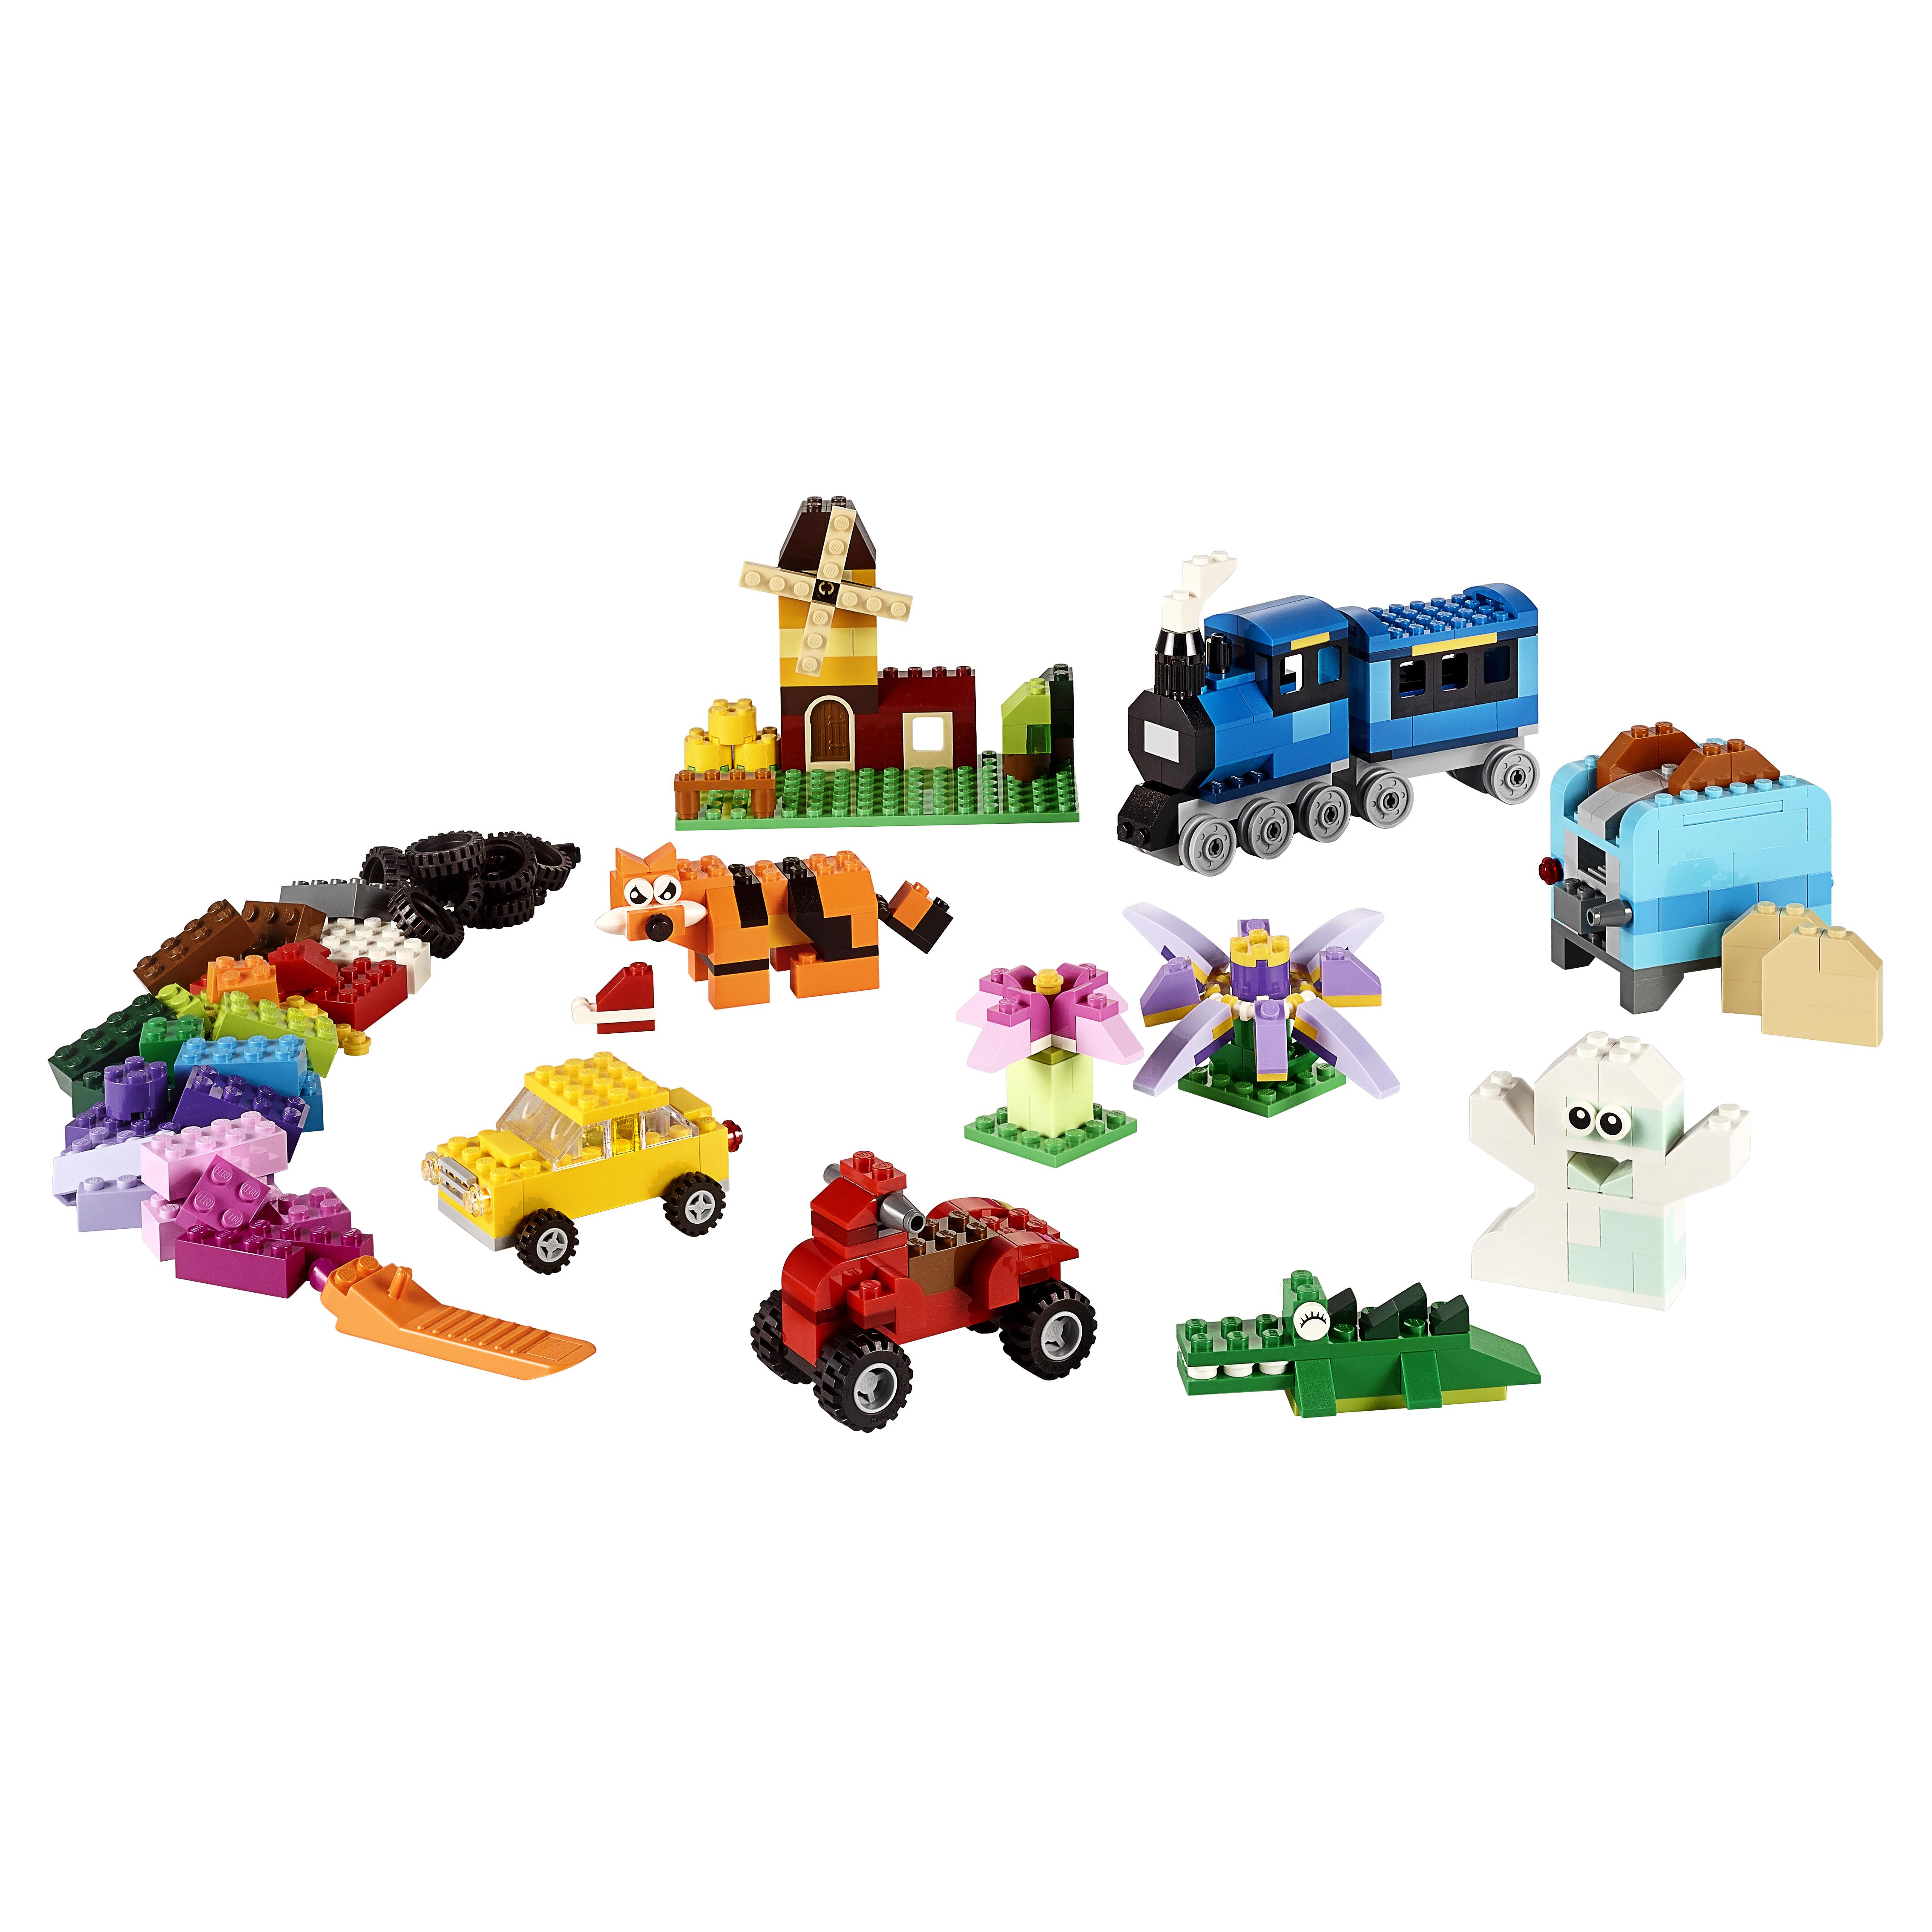 Купить Конструктор lego classic набор для творчества среднего размера 10696, Конструктор LEGO Classic Набор для творчества среднего размера (10696), LEGO для девочек